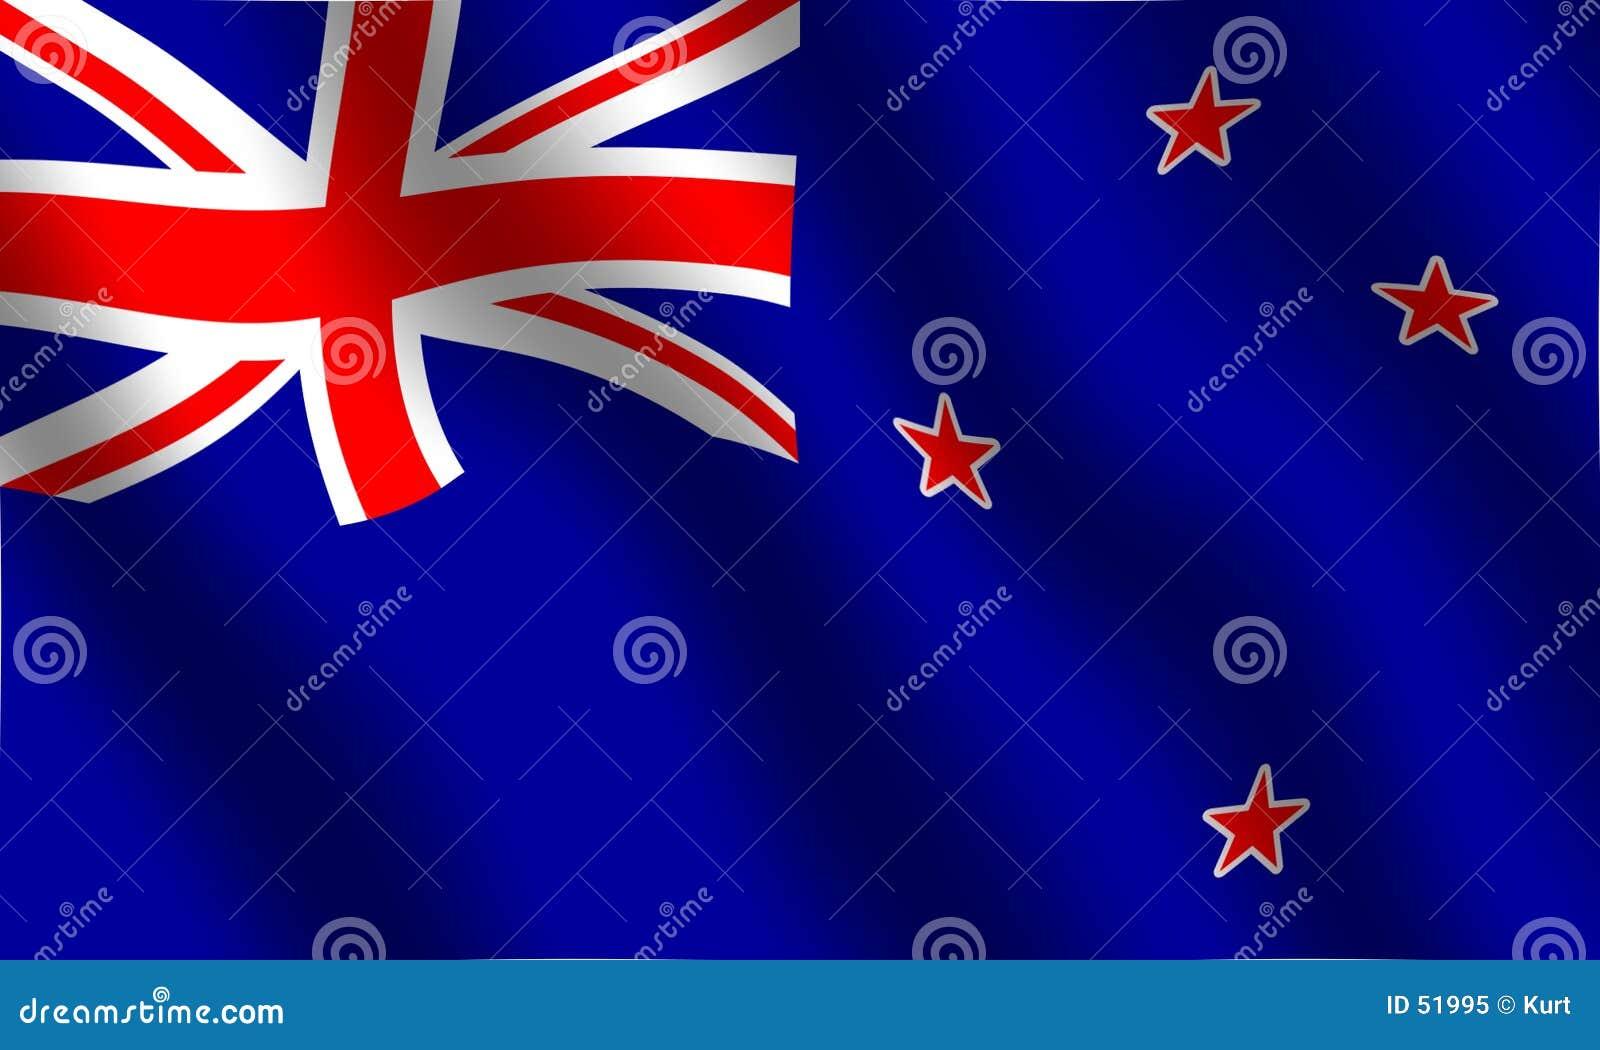 Download Indicateur De La Nouvelle Zélande Illustration Stock - Illustration du national, drapeau: 51995